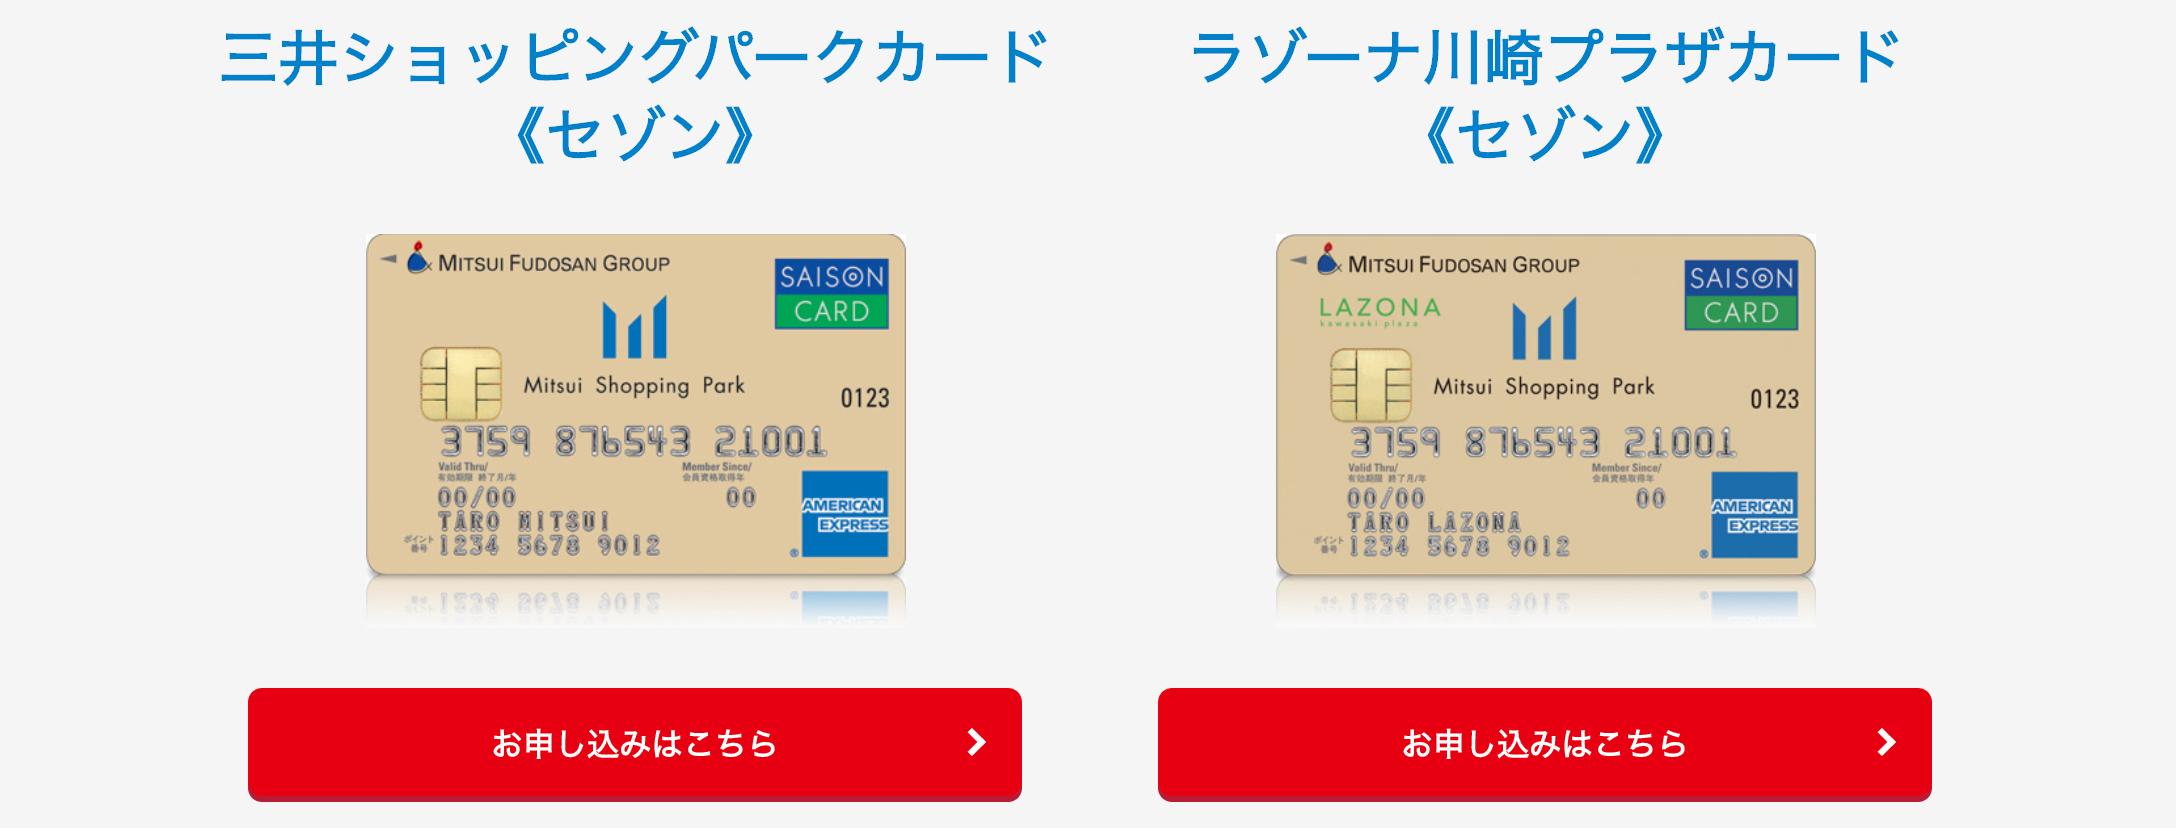 三井 ショッピング パーク カード